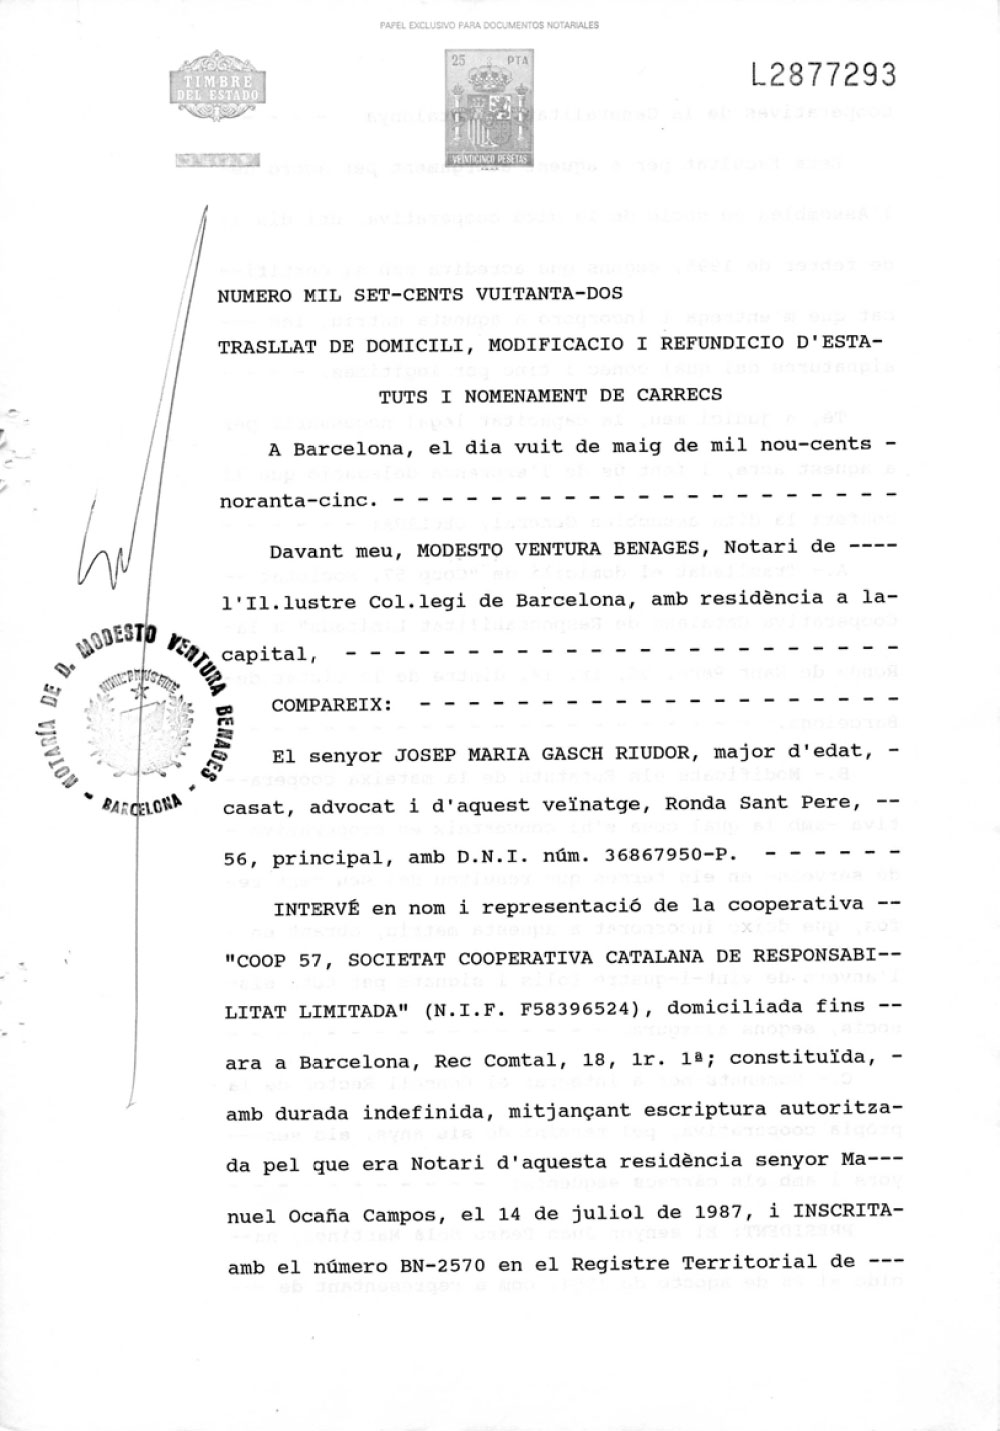 Constitució de Coop 57